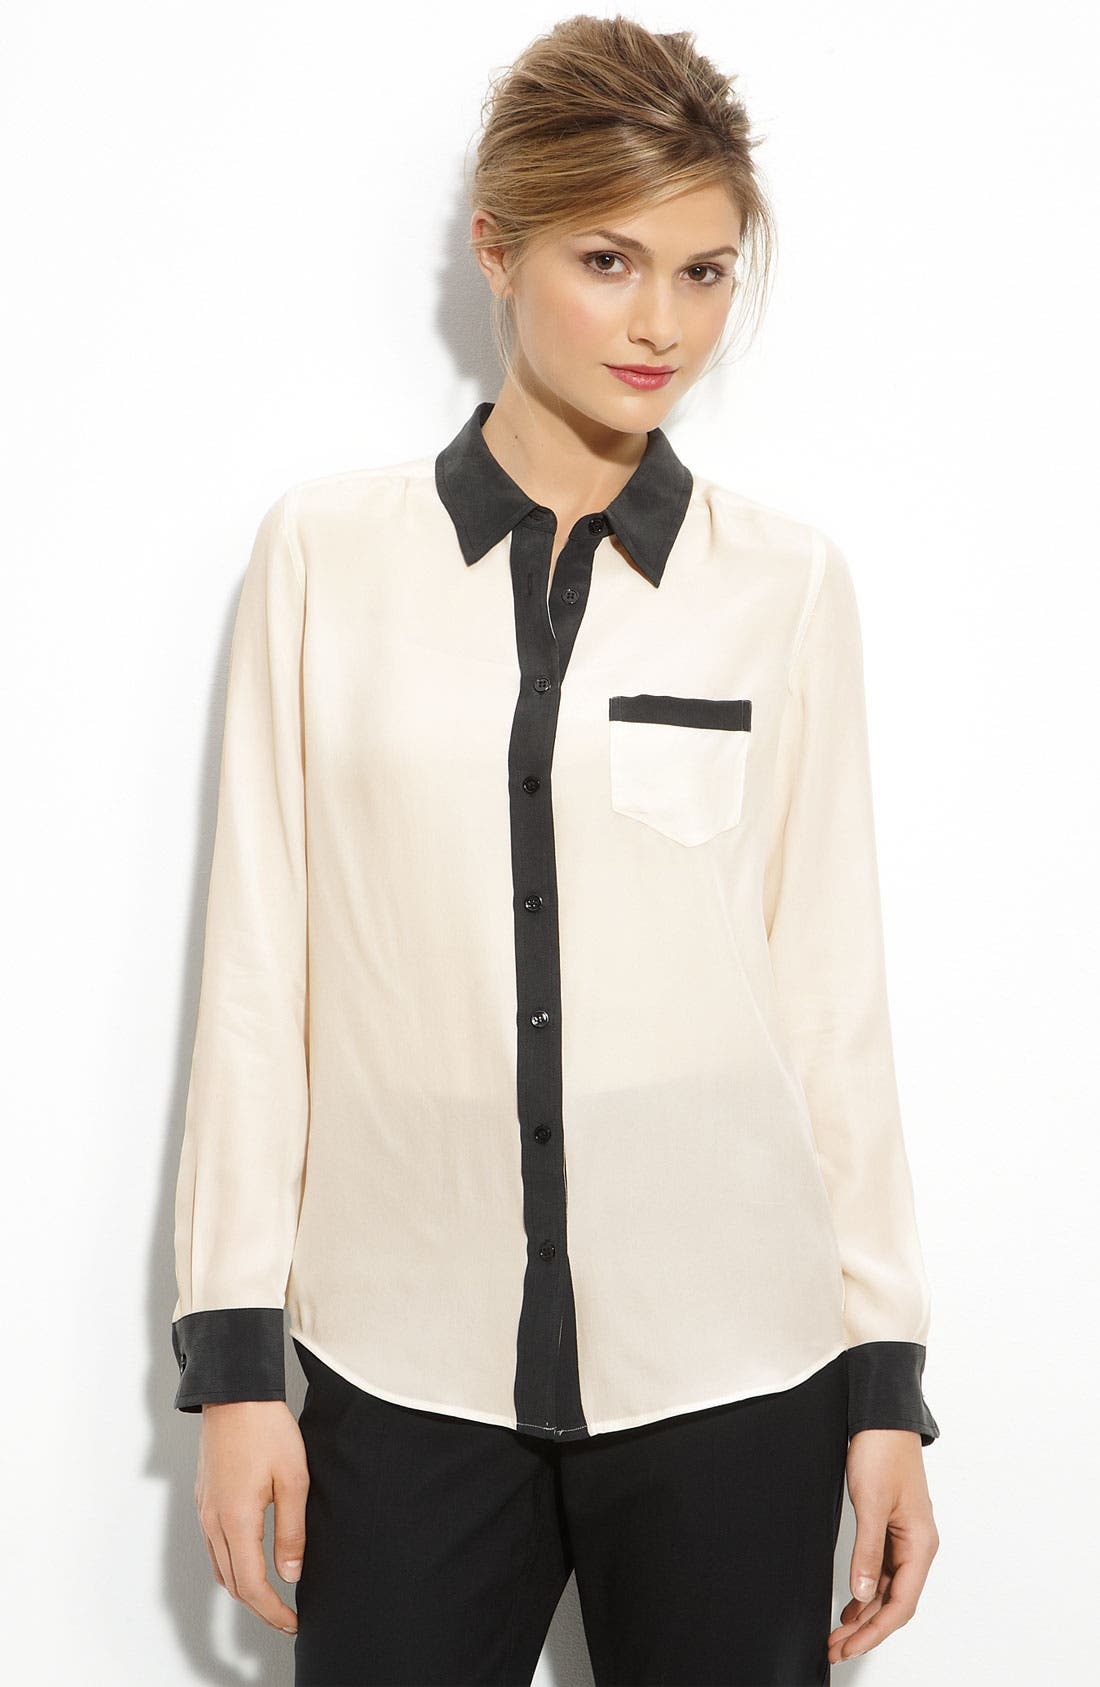 'Brett' Long Sleeve Shirt,                             Main thumbnail 1, color,                             Nature White/Black